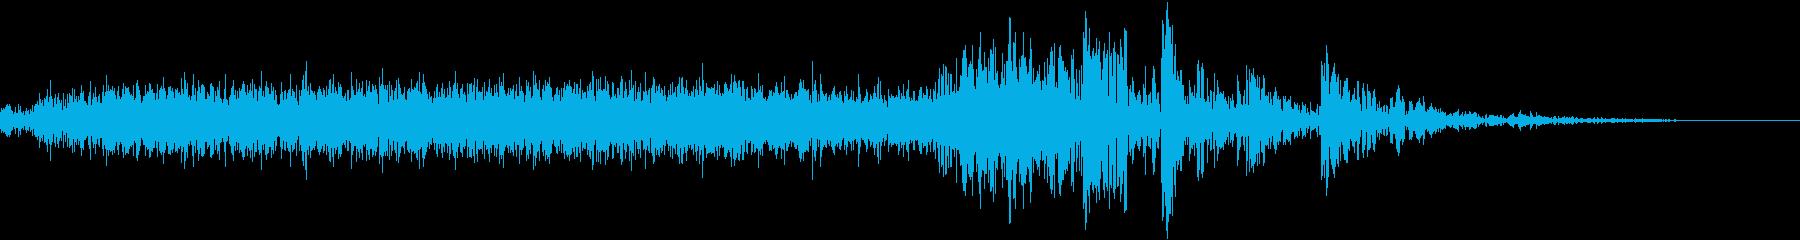 ロボット/足音/ウィーン/ガシャッ/SFの再生済みの波形